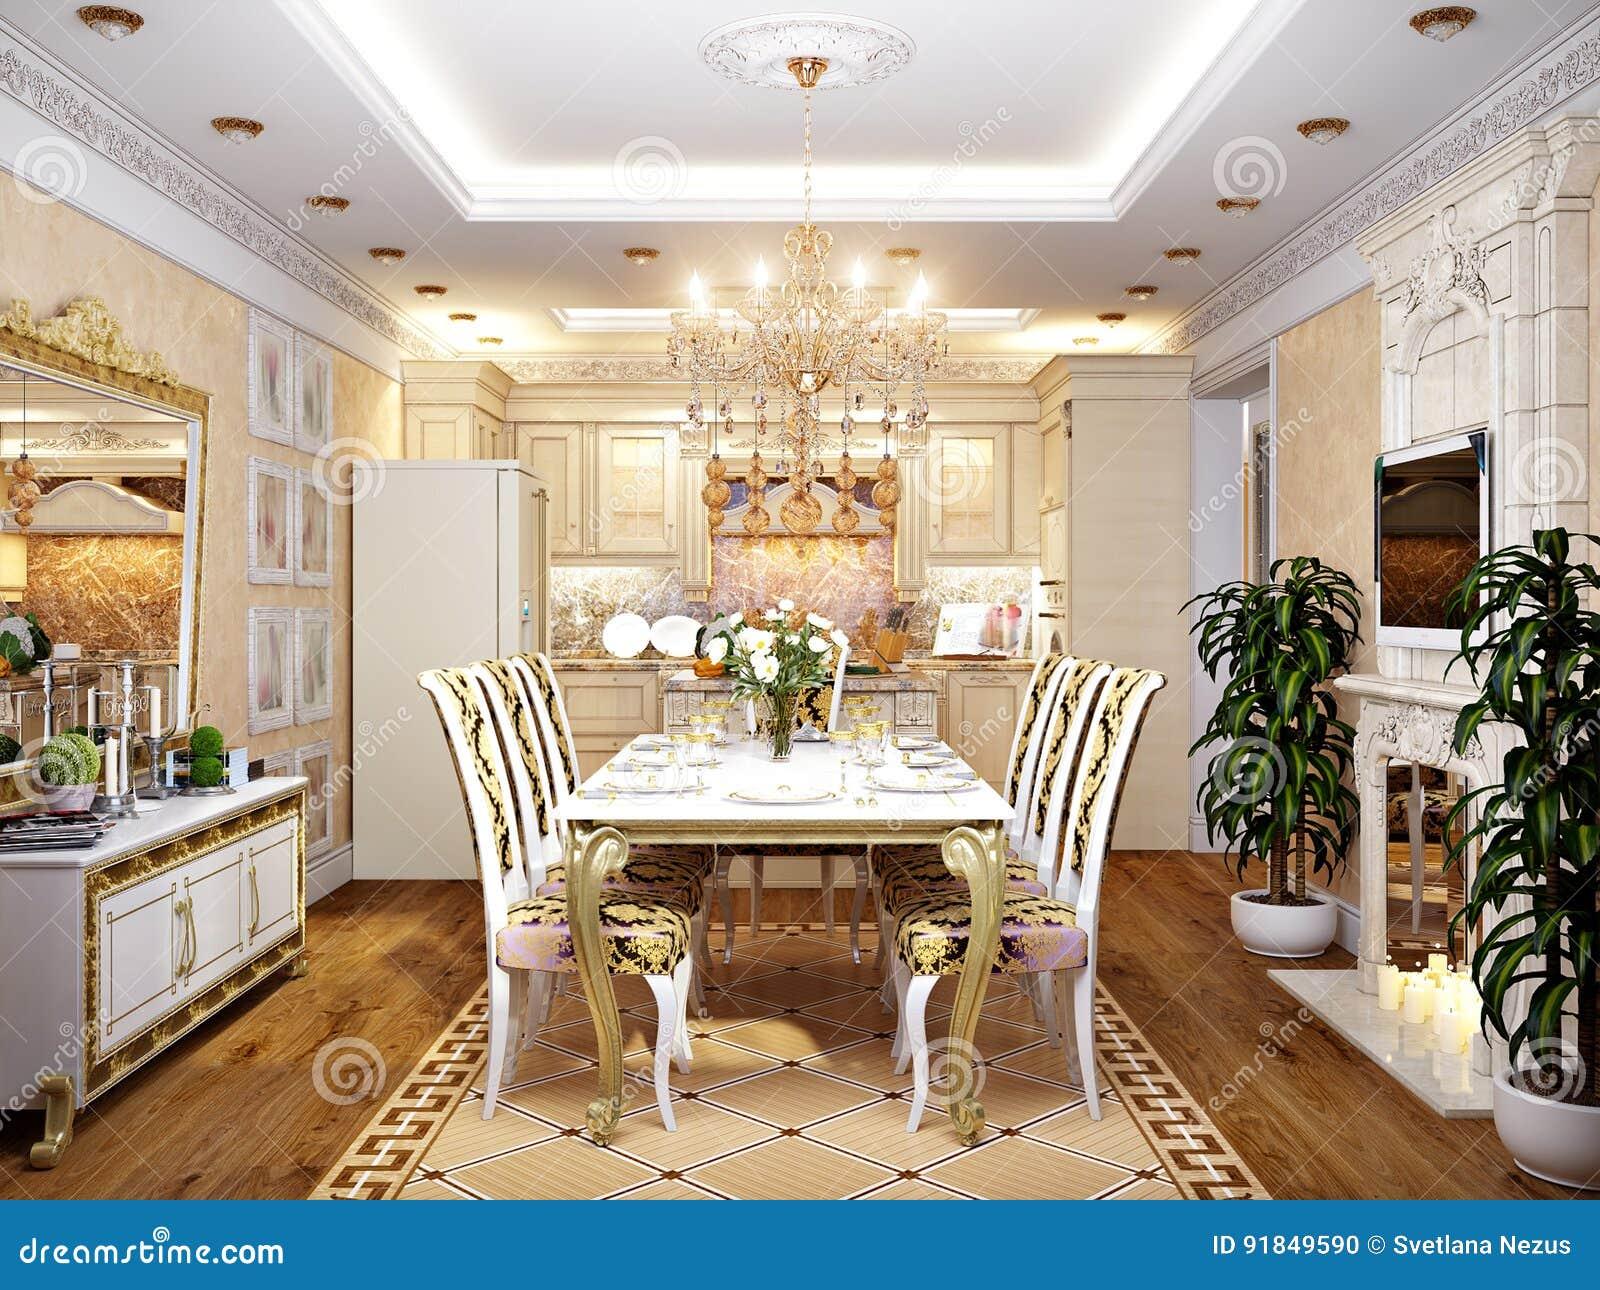 luxuri se klassische barocke k che und esszimmer stock abbildung illustration von kondominium. Black Bedroom Furniture Sets. Home Design Ideas